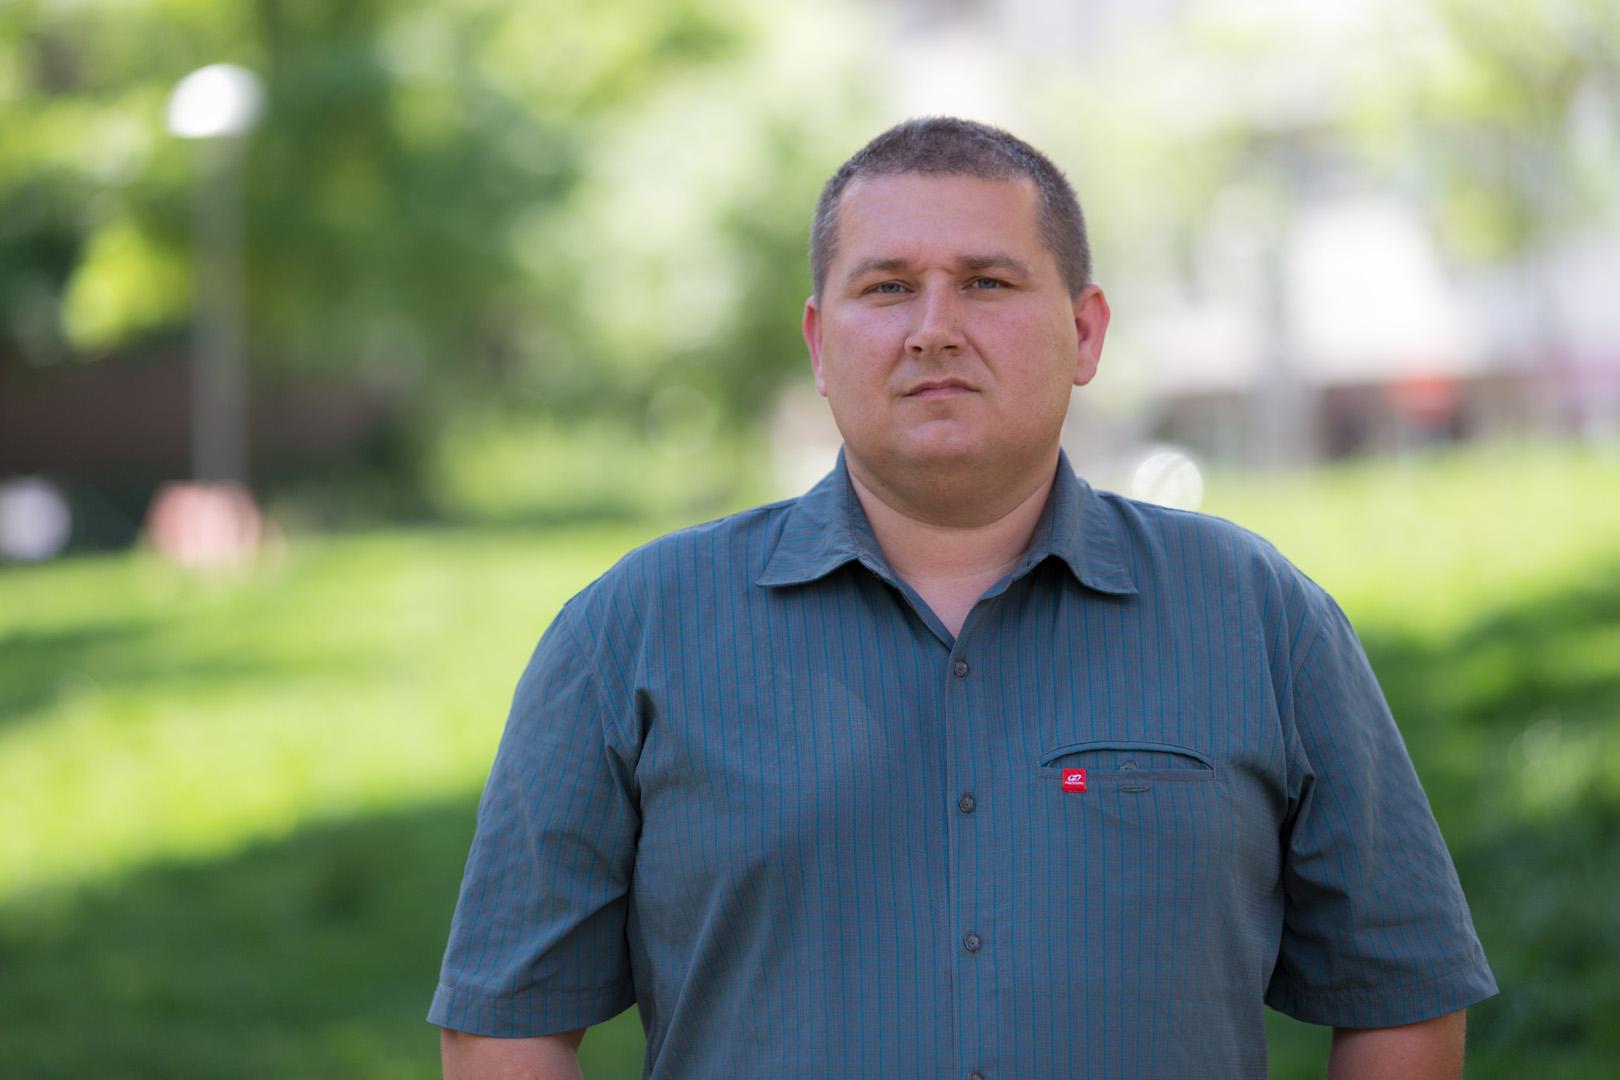 Vecseri Gábor, a Smart-Energy Kft. ügyvezetője